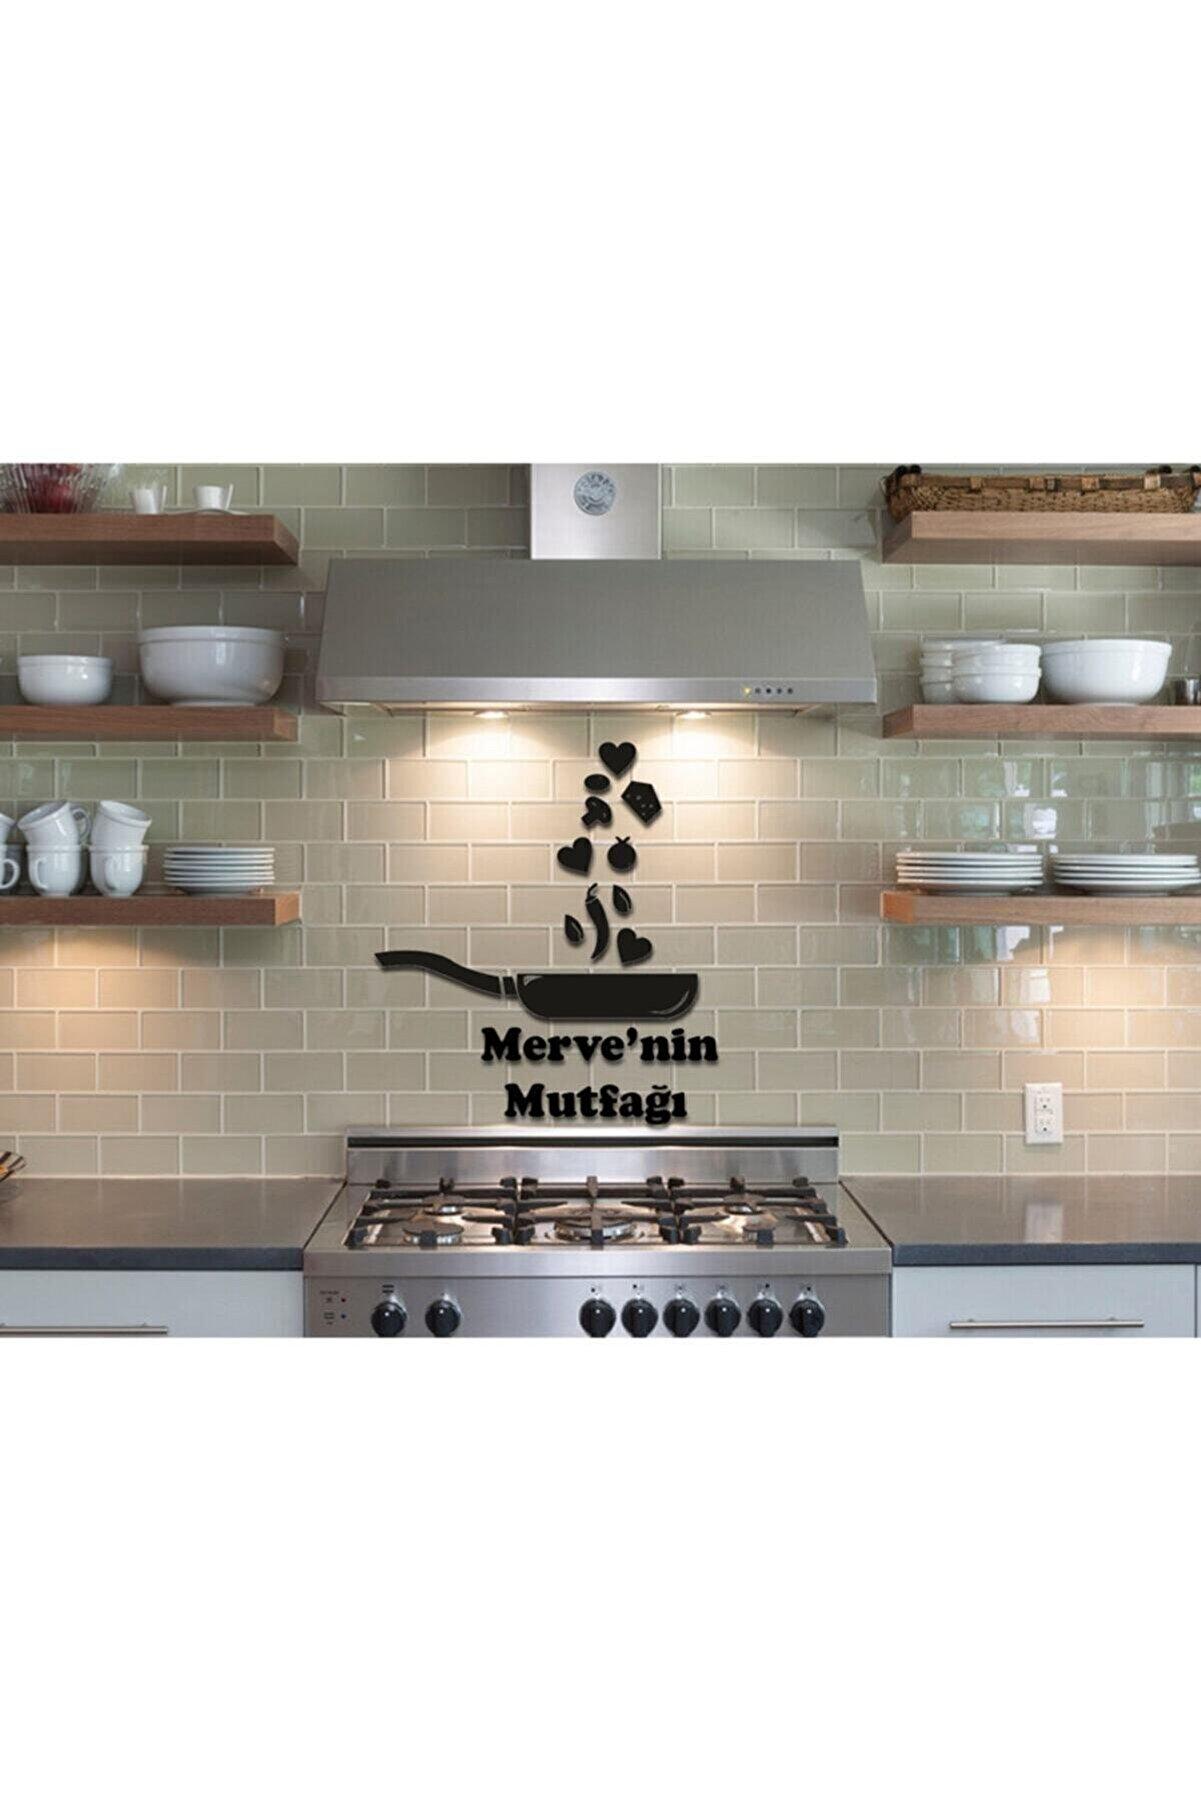 GÜNEŞ LAZER Siyah Dekoratif Mutfak Dekorasyon Tava Duvar Süsü Dekoru 50*45 Cm